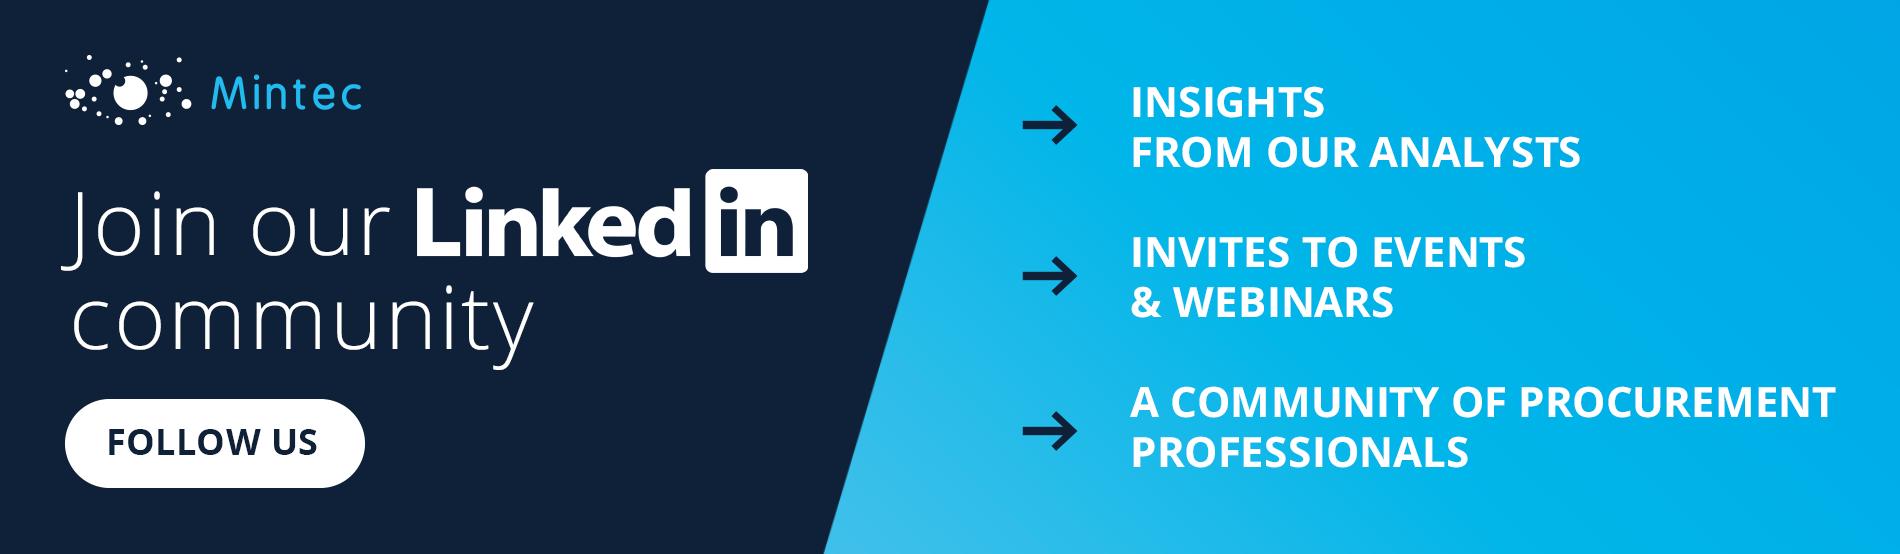 LinkedIn Mintec